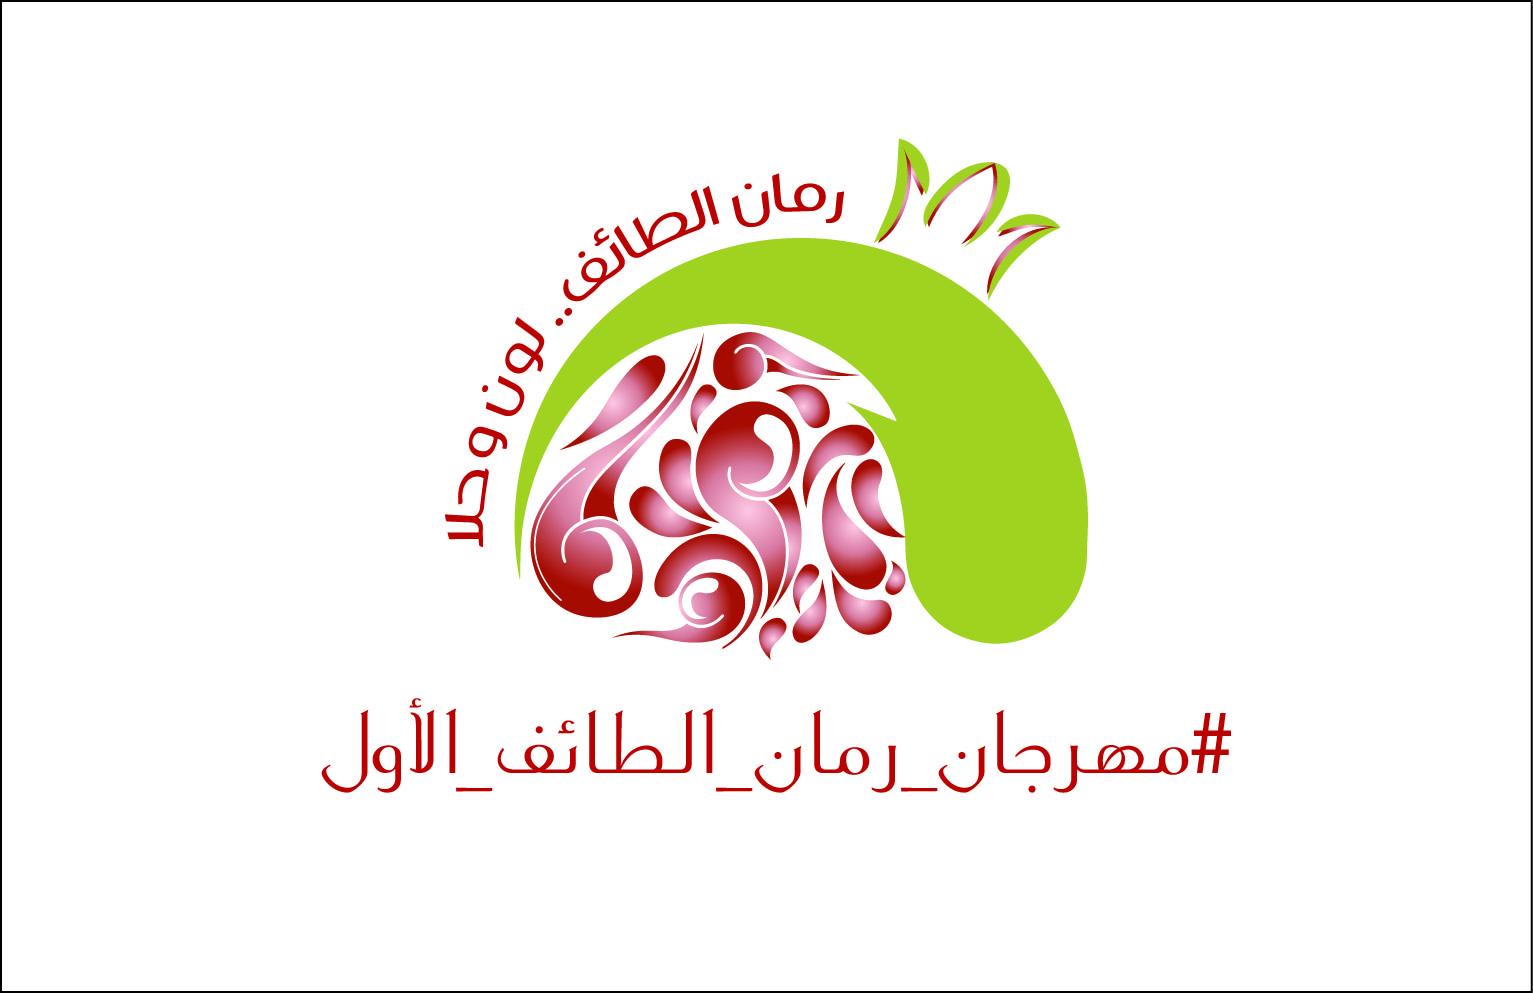 """""""ابن معمر"""" يفتتح مهرجان #رمان_الطائف .. وترعاه """"المواطن"""" إلكترونيًّا - المواطن"""